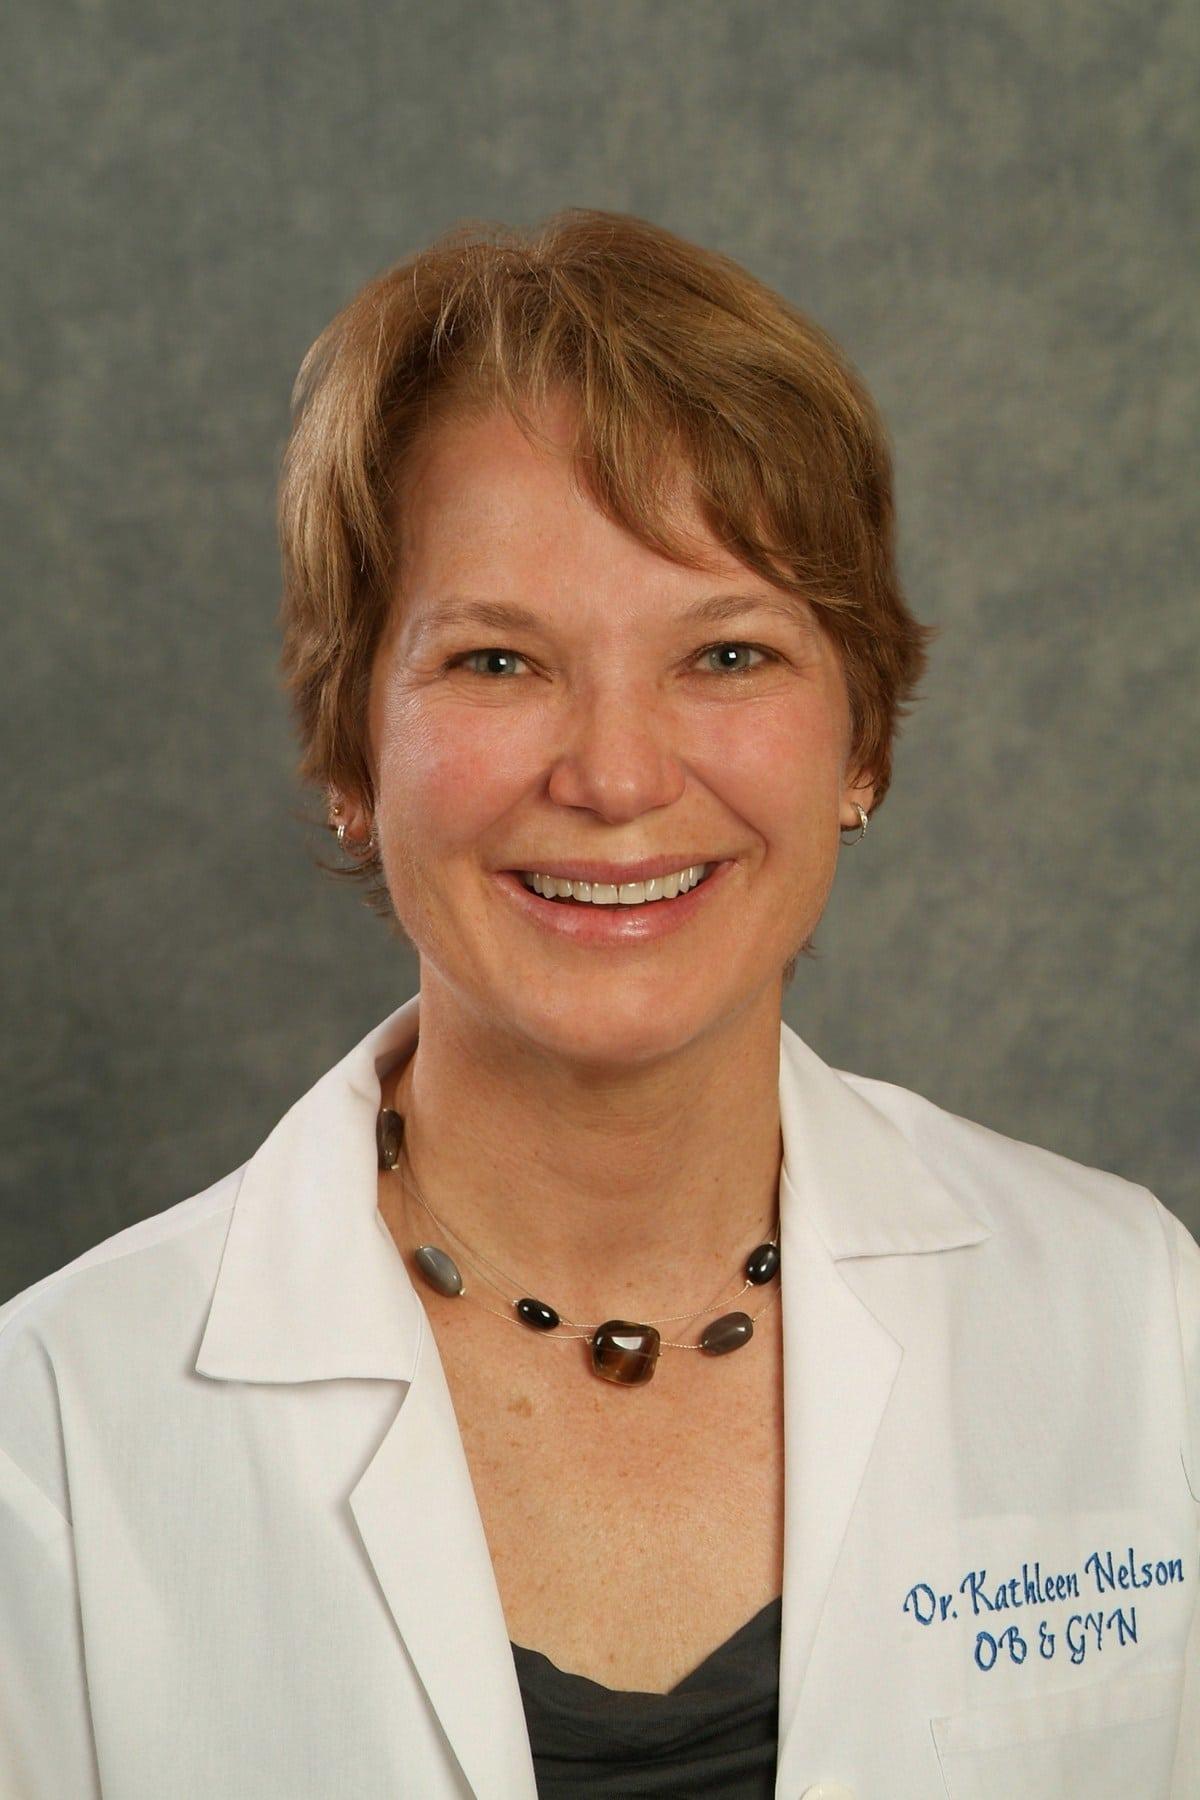 Dr. Kathleen G Nelson MD